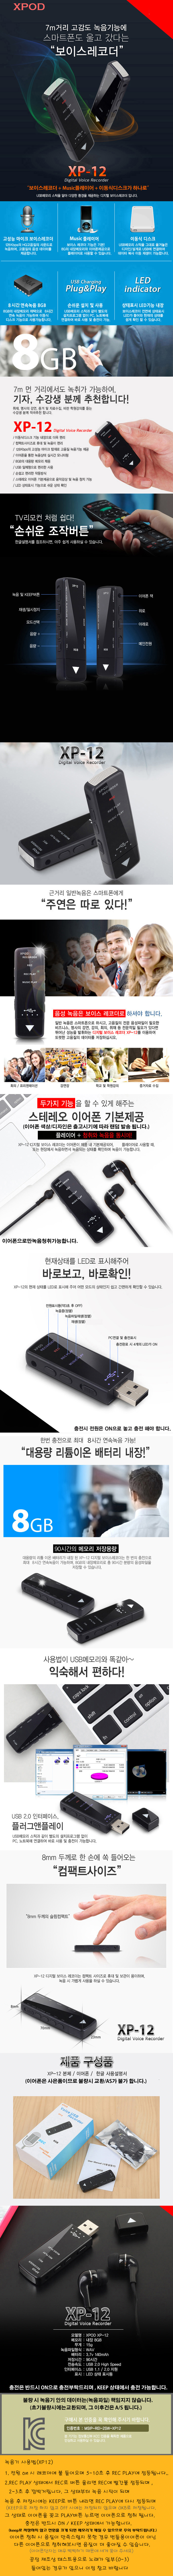 녹음기 XP12 8GB 디지털녹음기 보이스레코더 USB녹음기 - 엑스팟, 35,000원, 녹음기/마이크, 보이스레코더